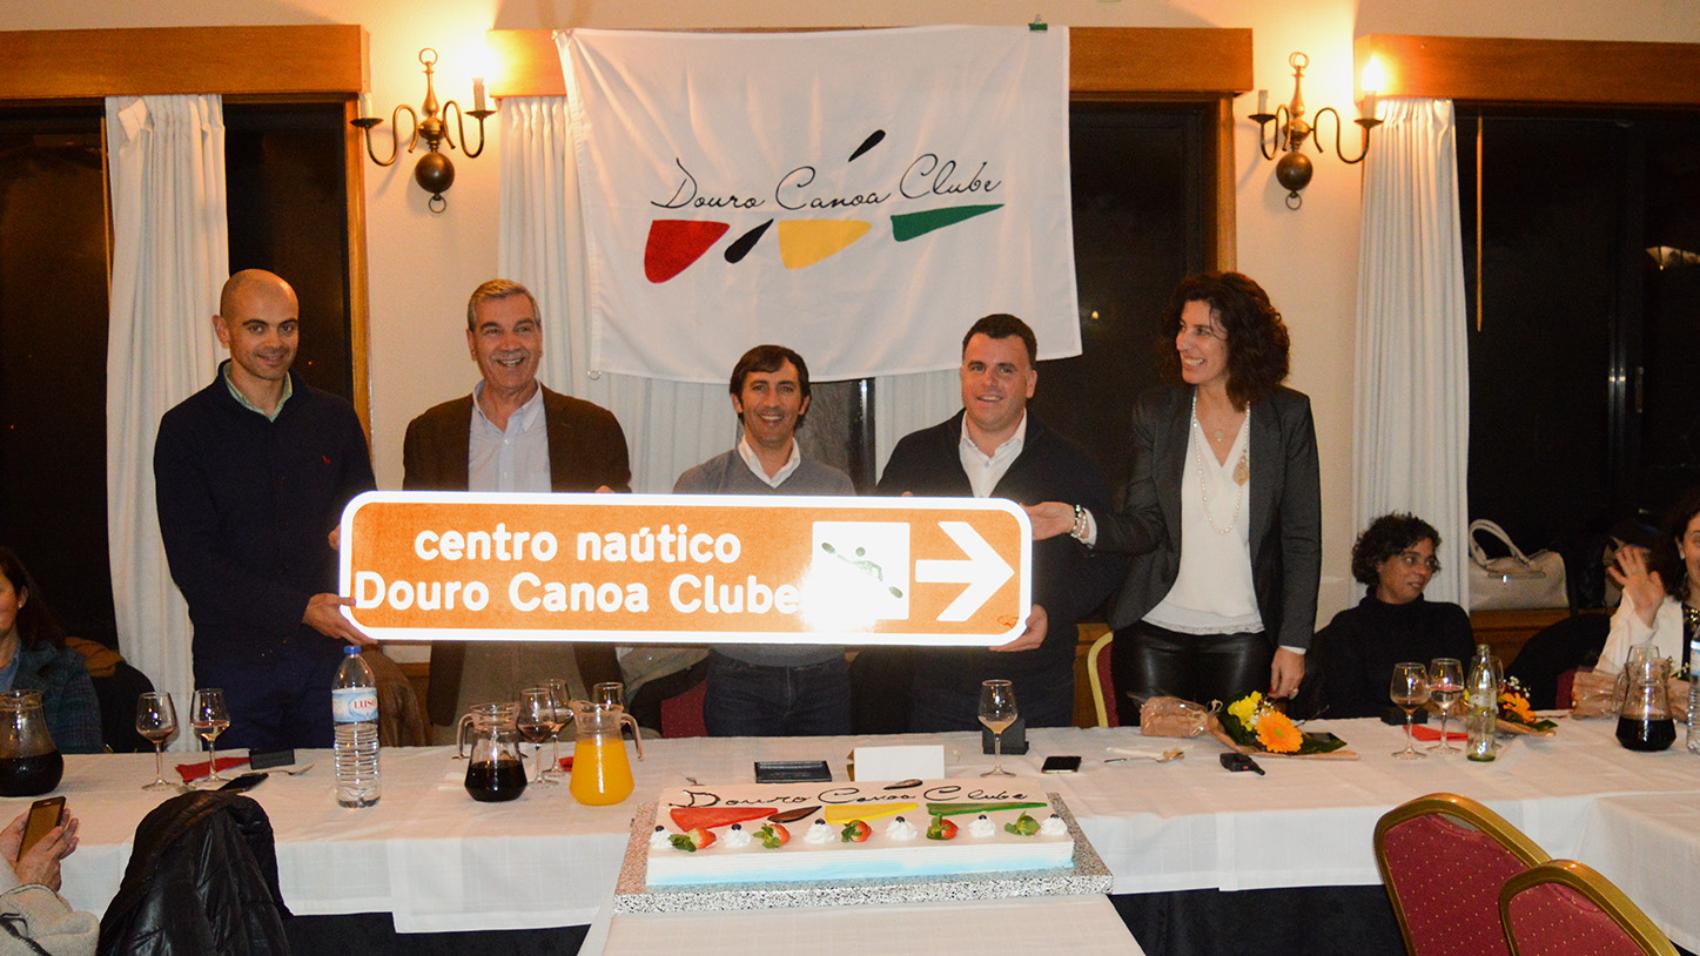 VI Aniversário do Douro Canoa Clube blog Canoagem Corpos Sociais Divulgação Douro Canoa Clube 19